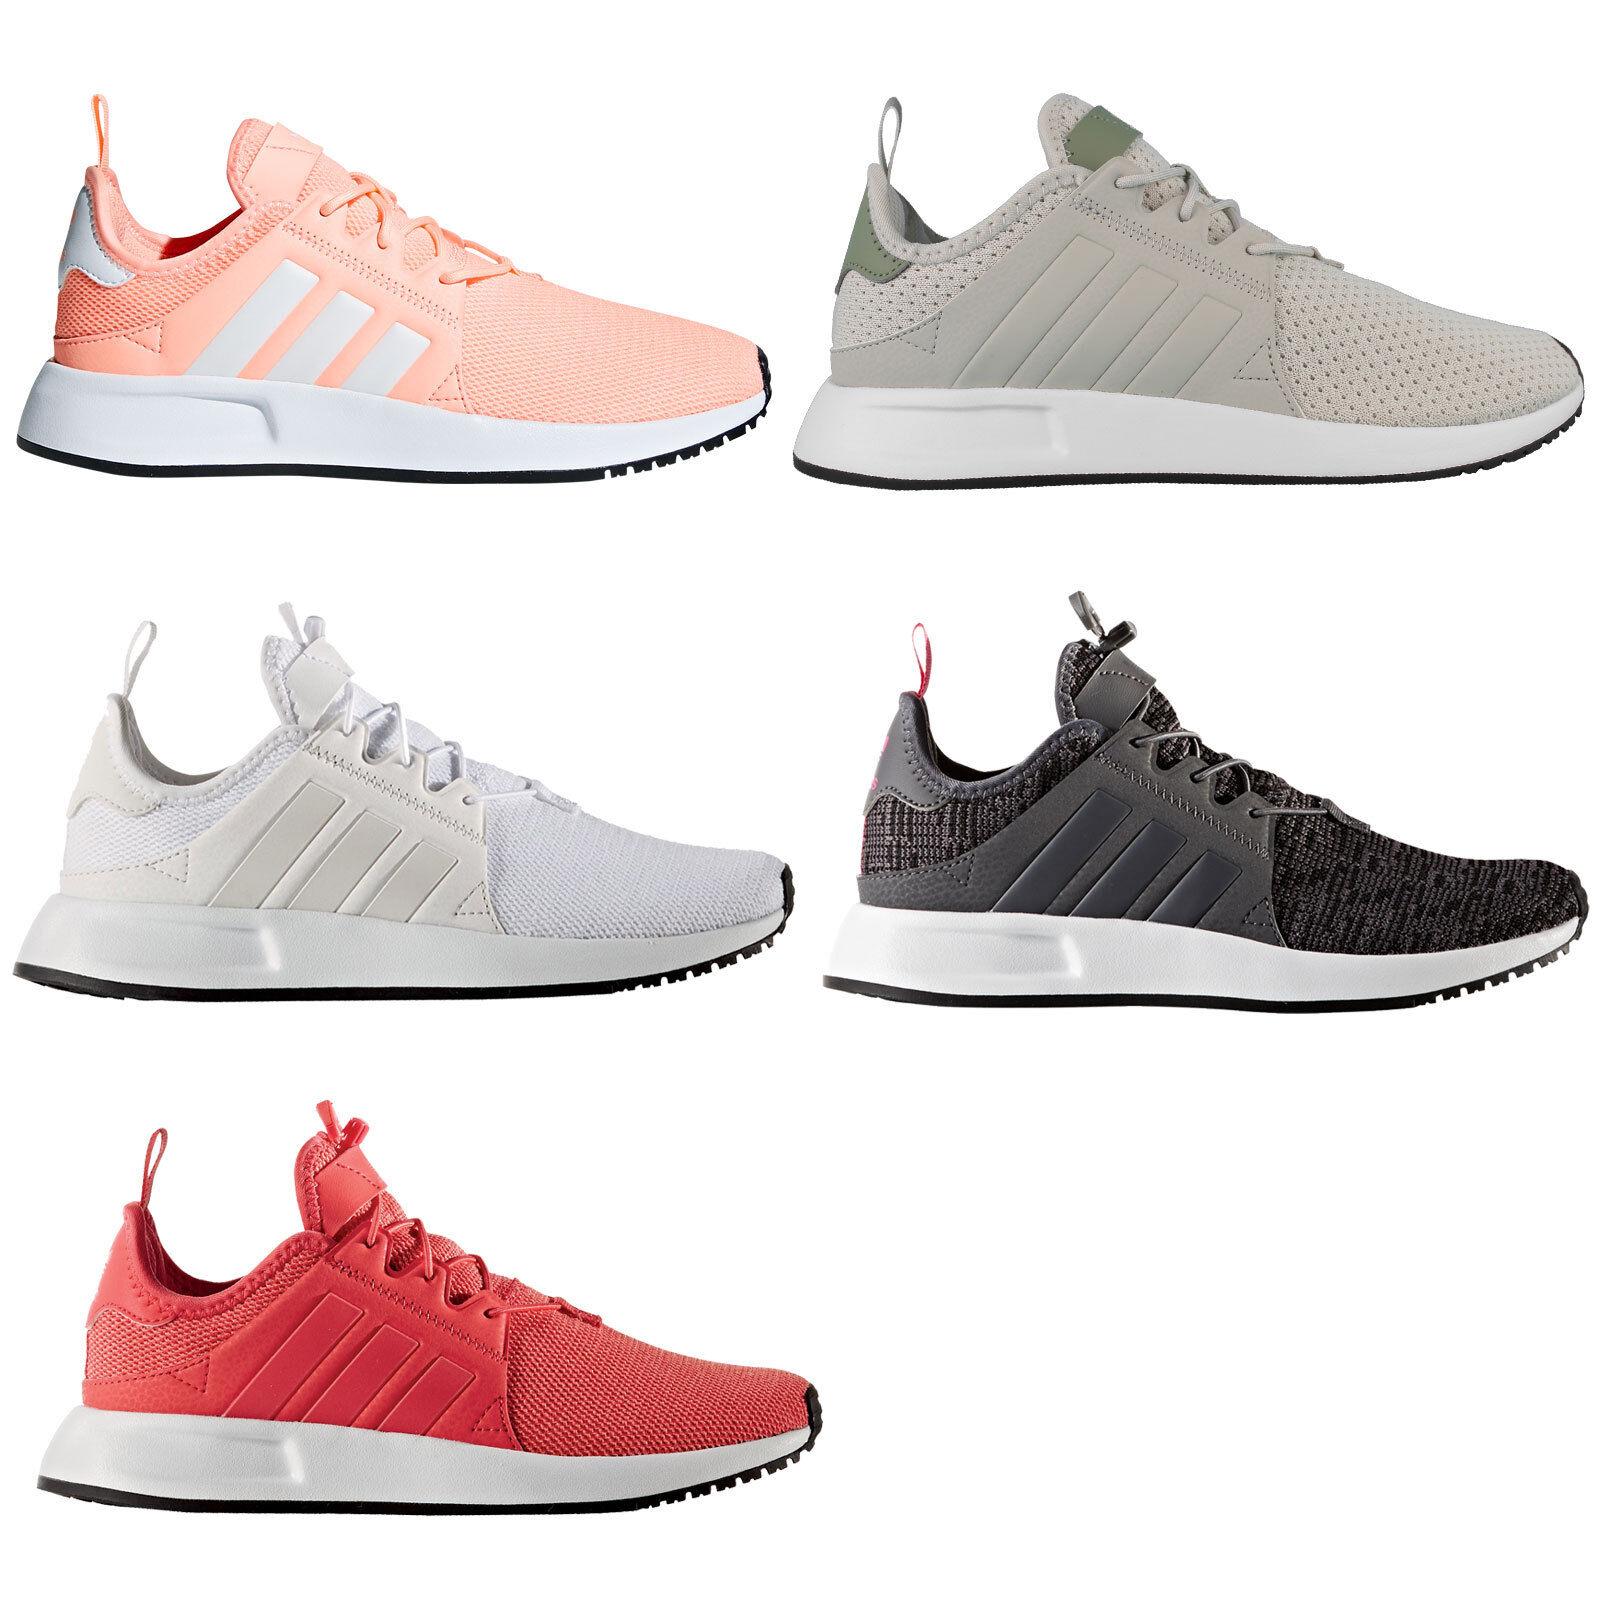 Adidas Originals X Plr DeporteZapatos Correr Kinder DeporteZapatos Plr Explorador 2d6b6e